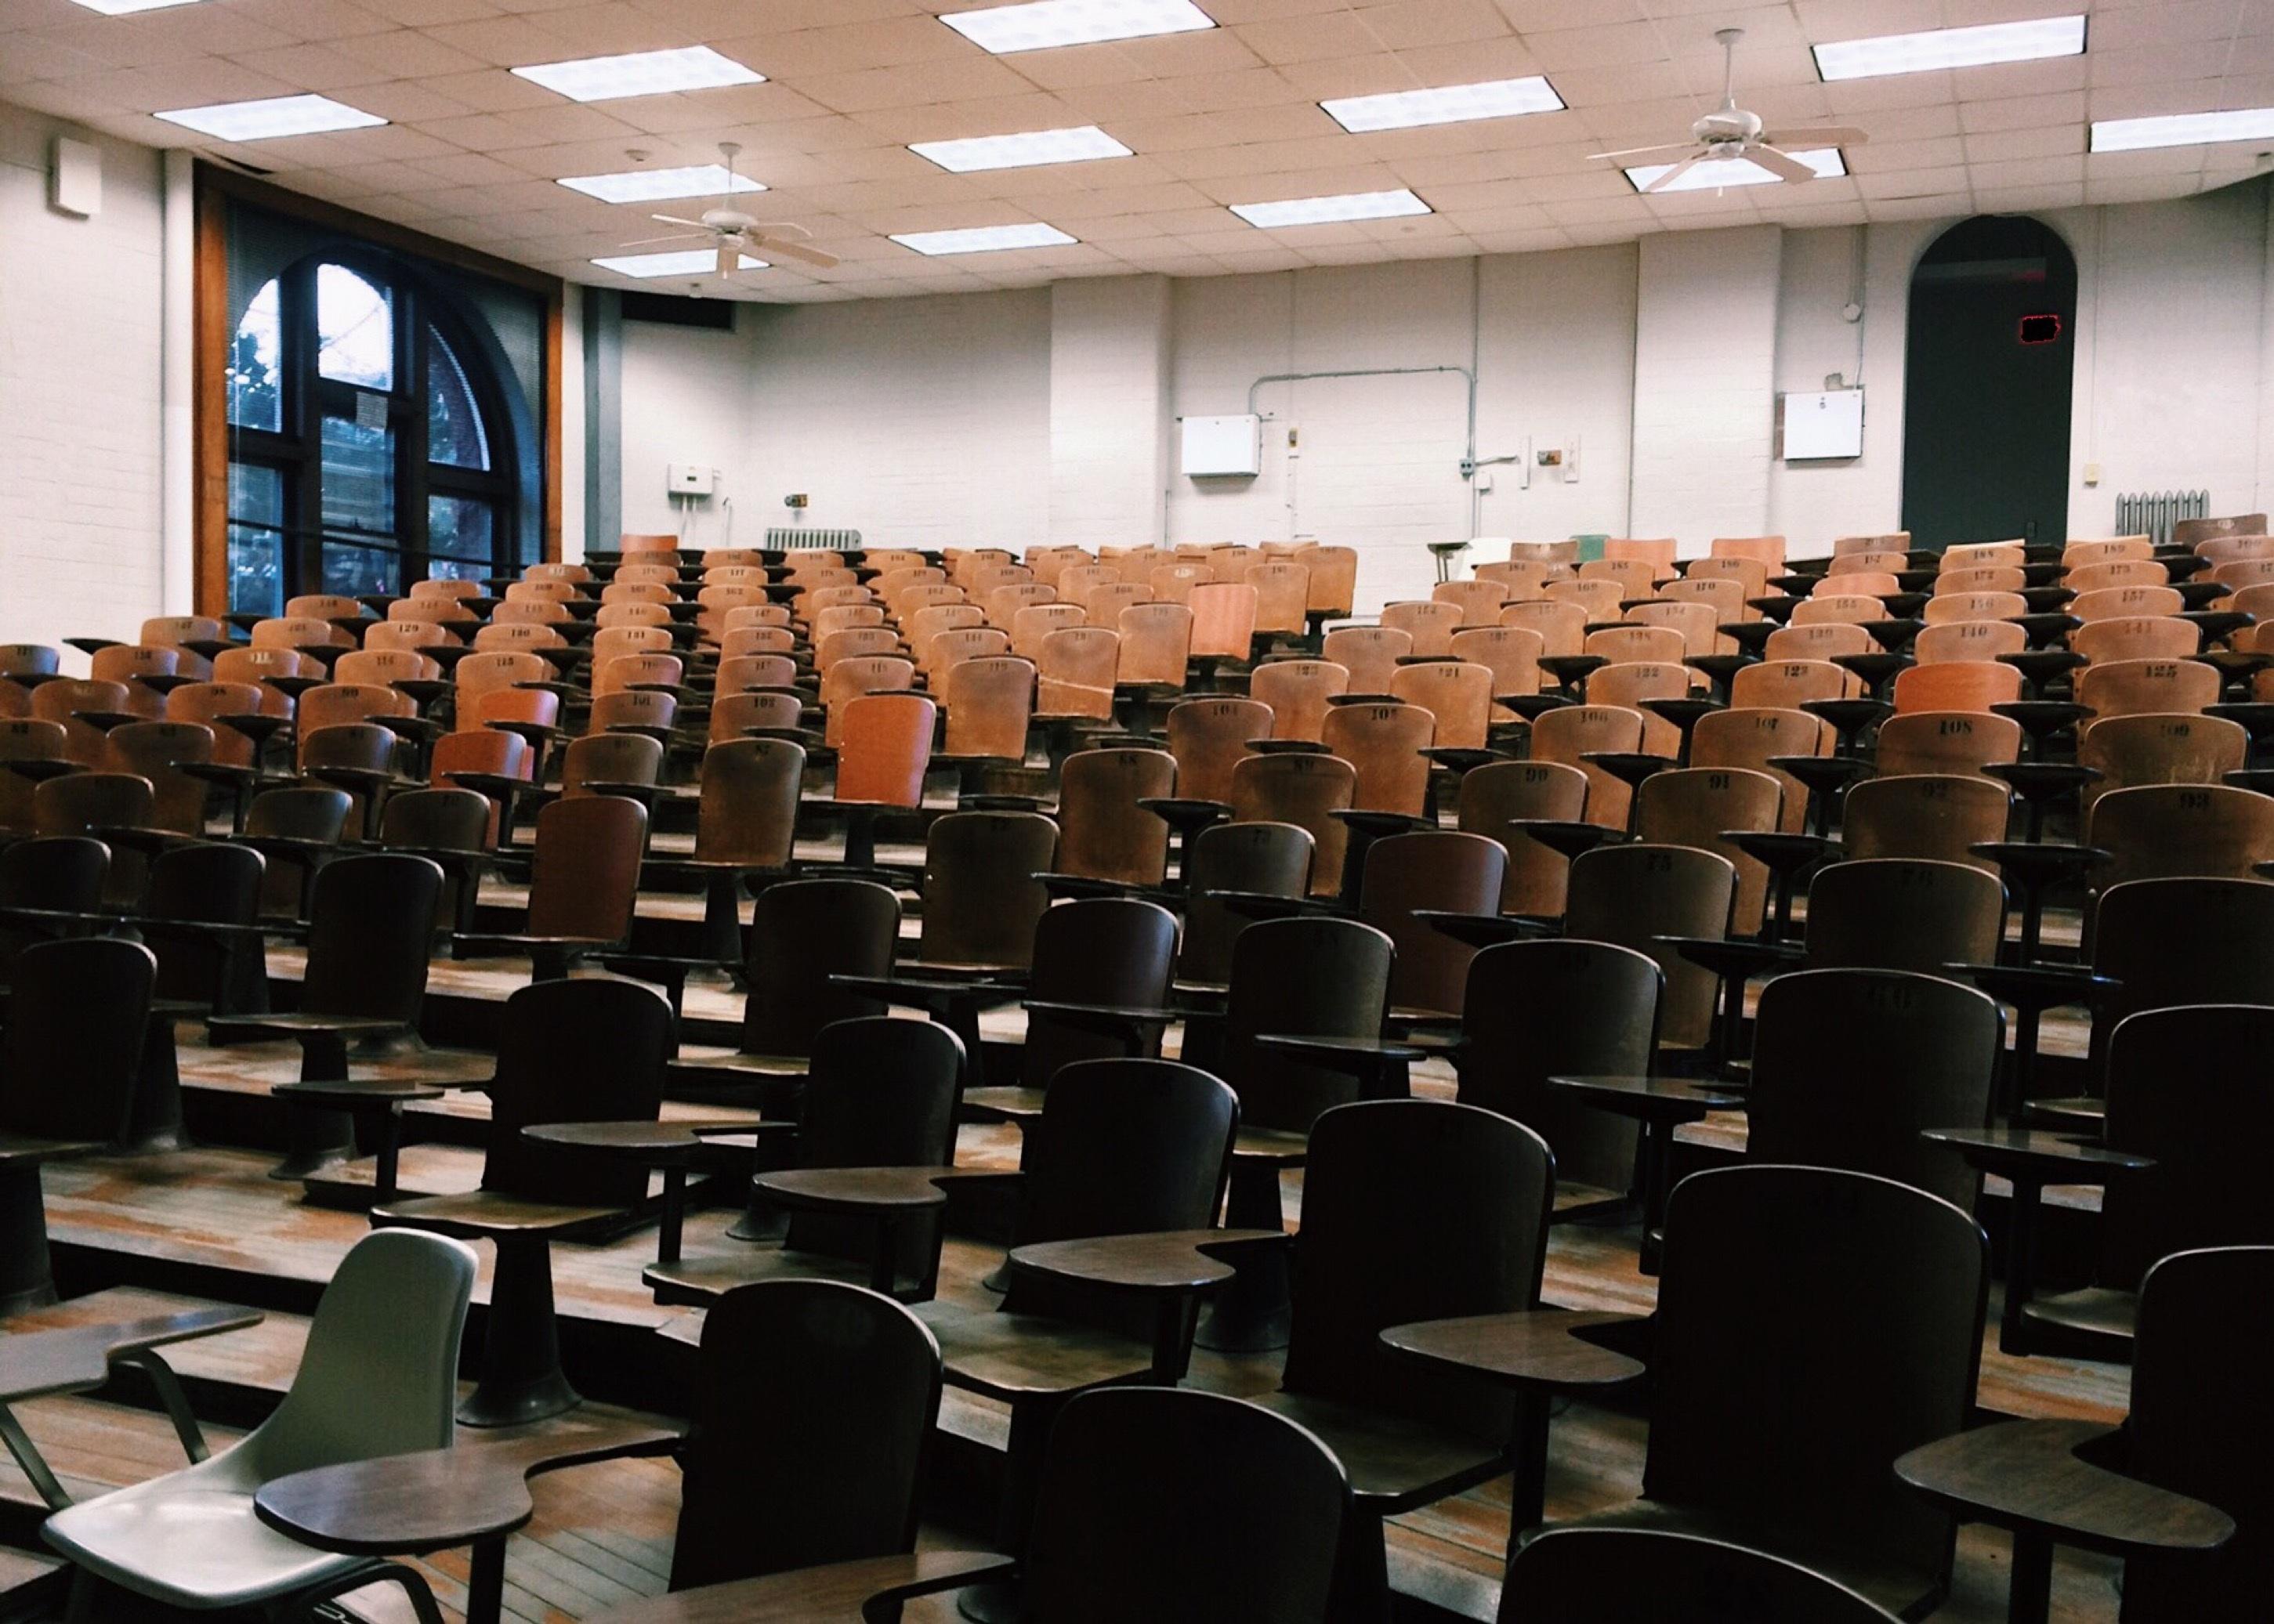 Hörsaal in der Universität